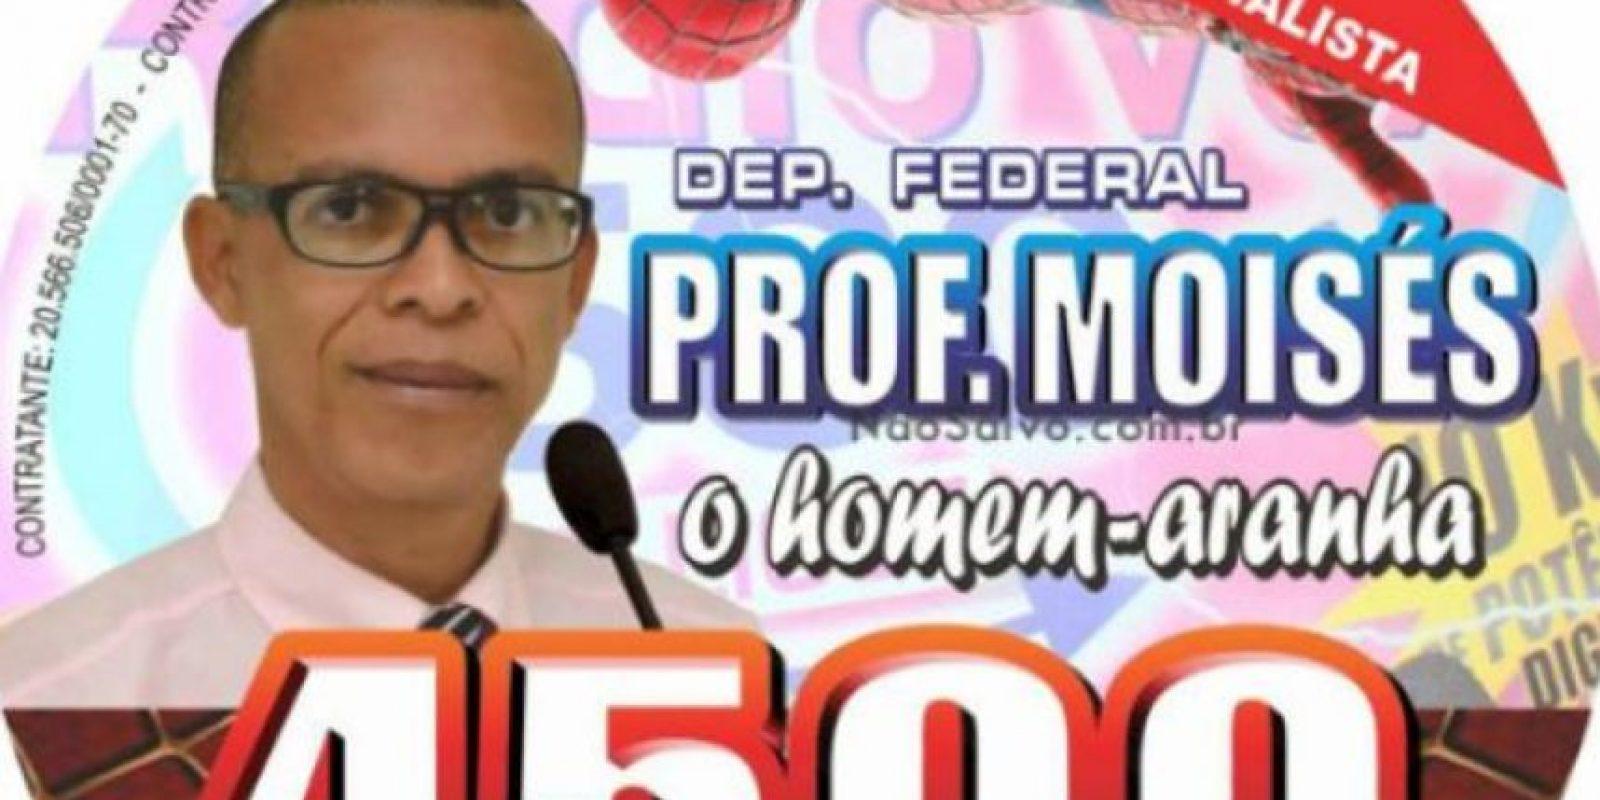 El Hombre Araña. Foto:vía Naosalvo.com.br